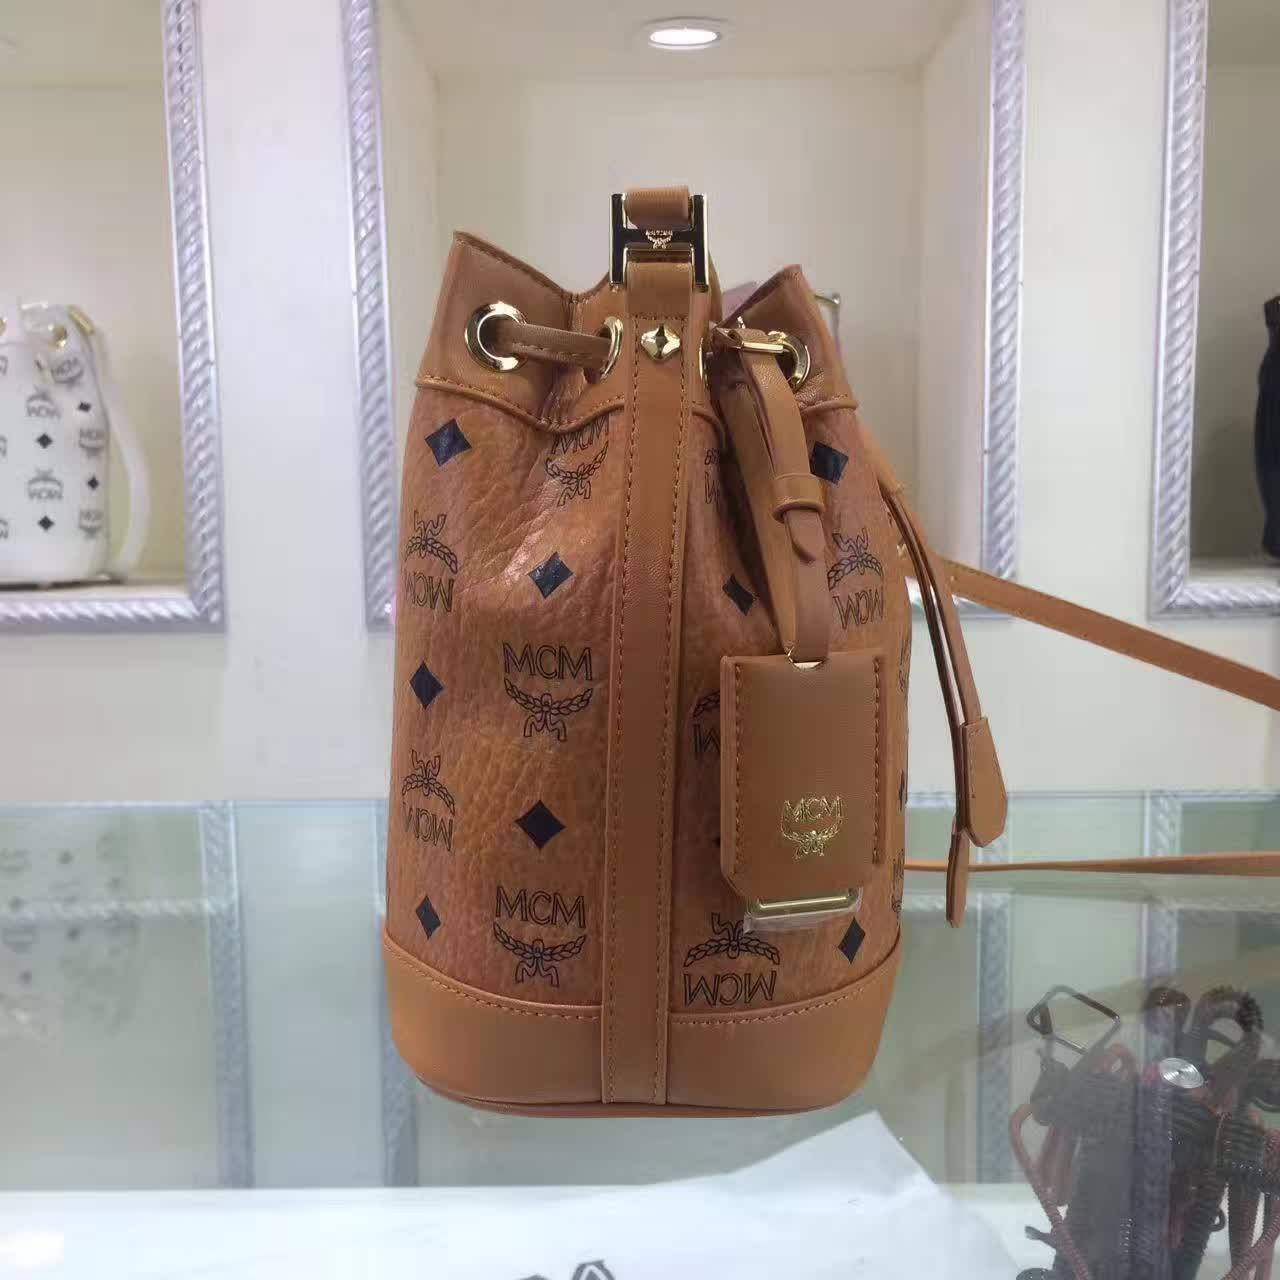 MCM2017新款 迷你单肩斜跨包水桶包 轻巧有型 时尚简约的抽绳设计 土黄